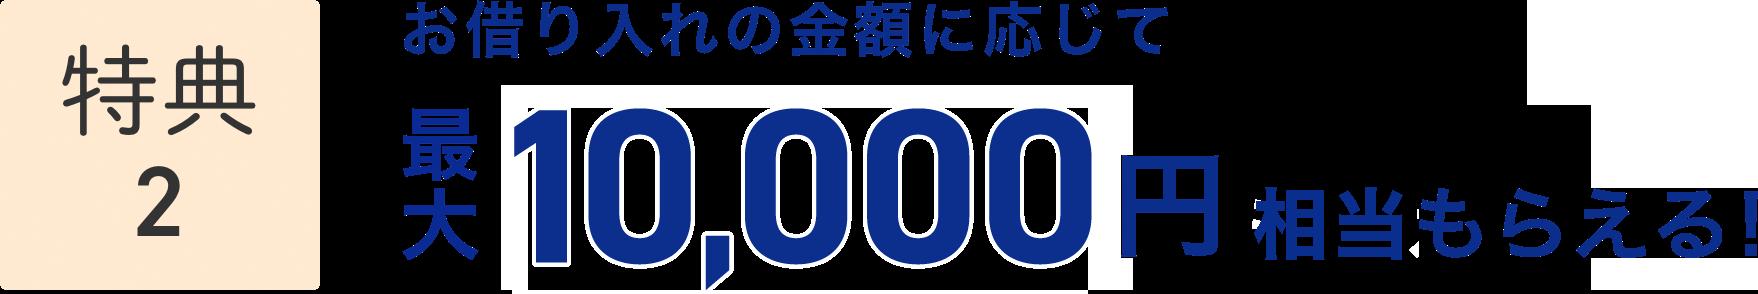 特典2 お借り入れの金額に応じて最大10,000円相当もらえる!